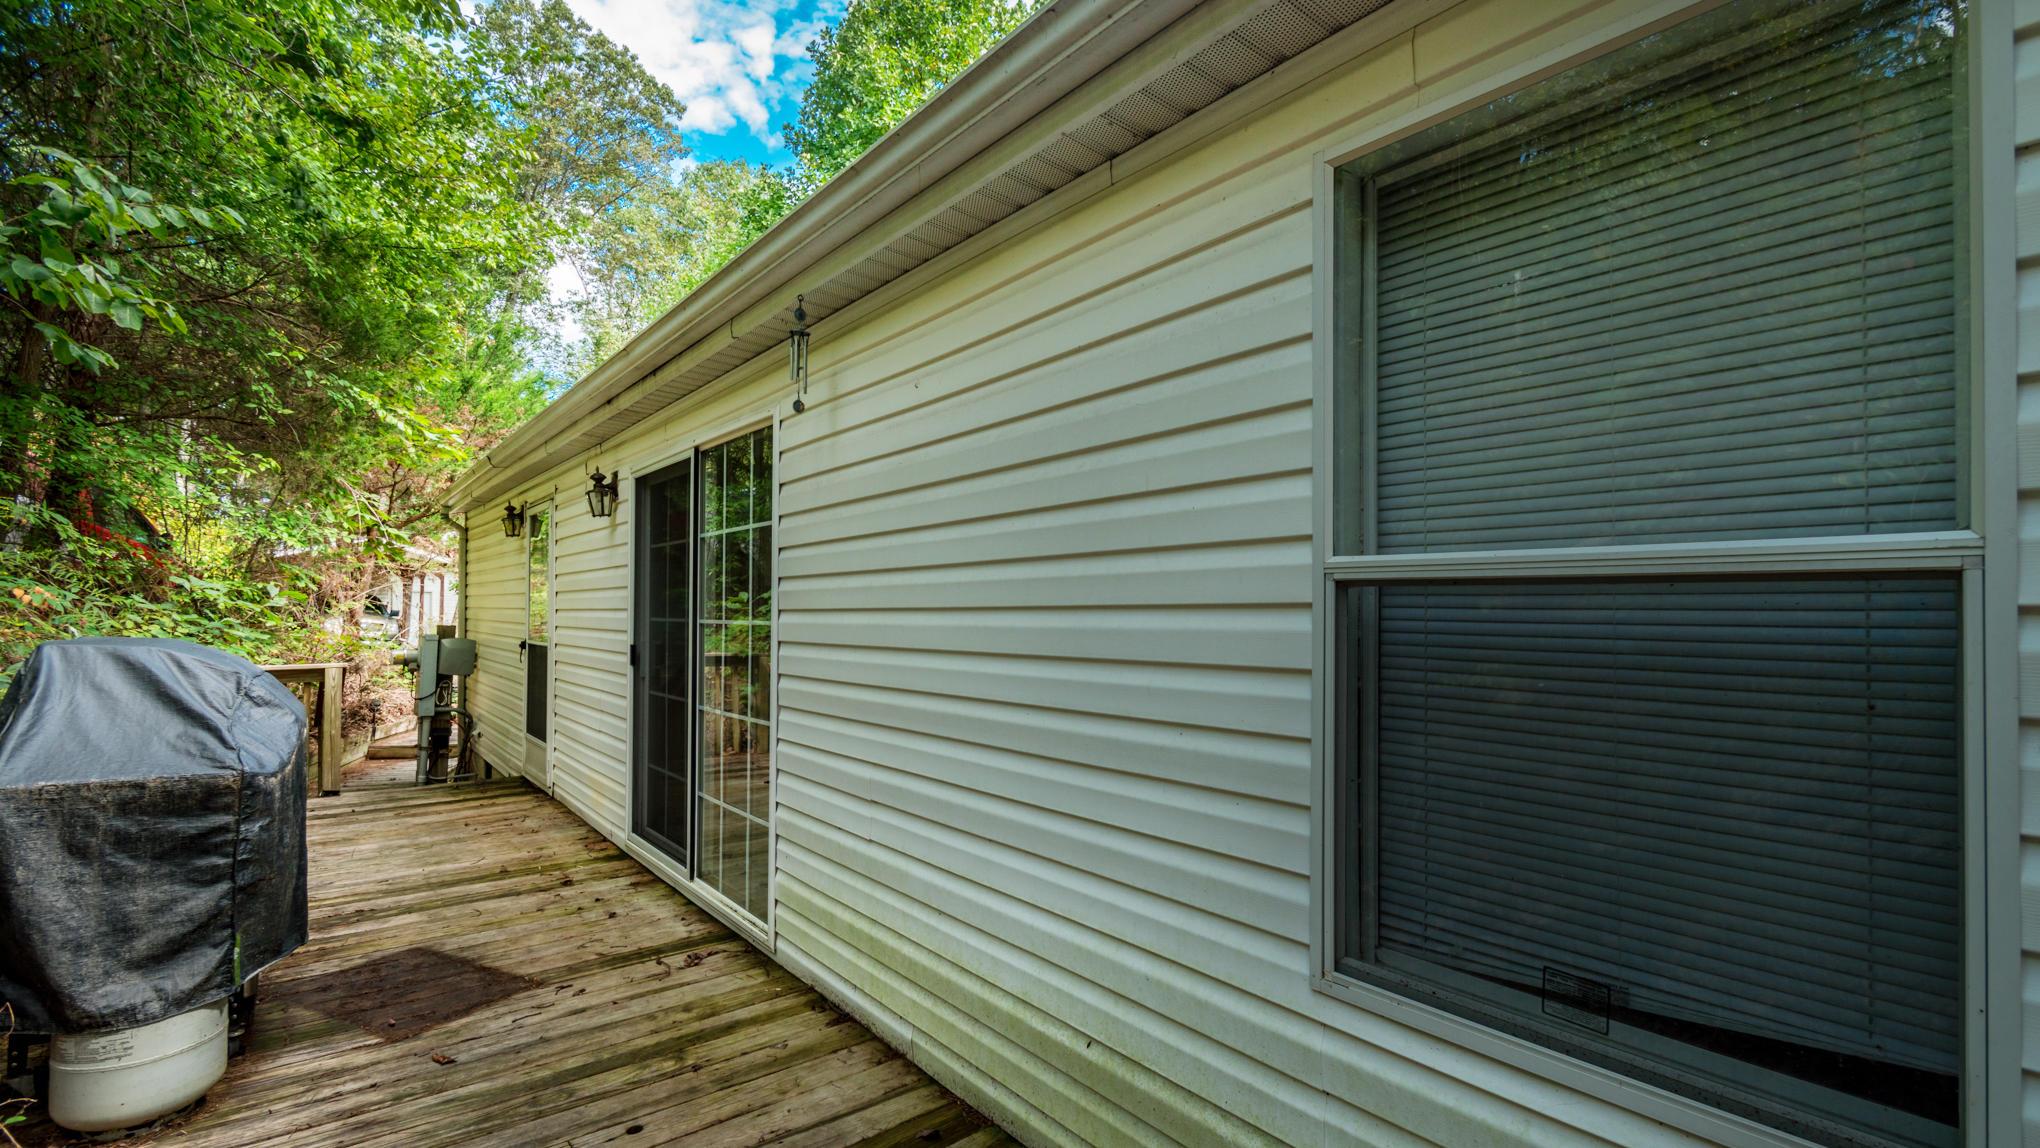 414 Mowbray Pike, Soddy Daisy, TN 37379